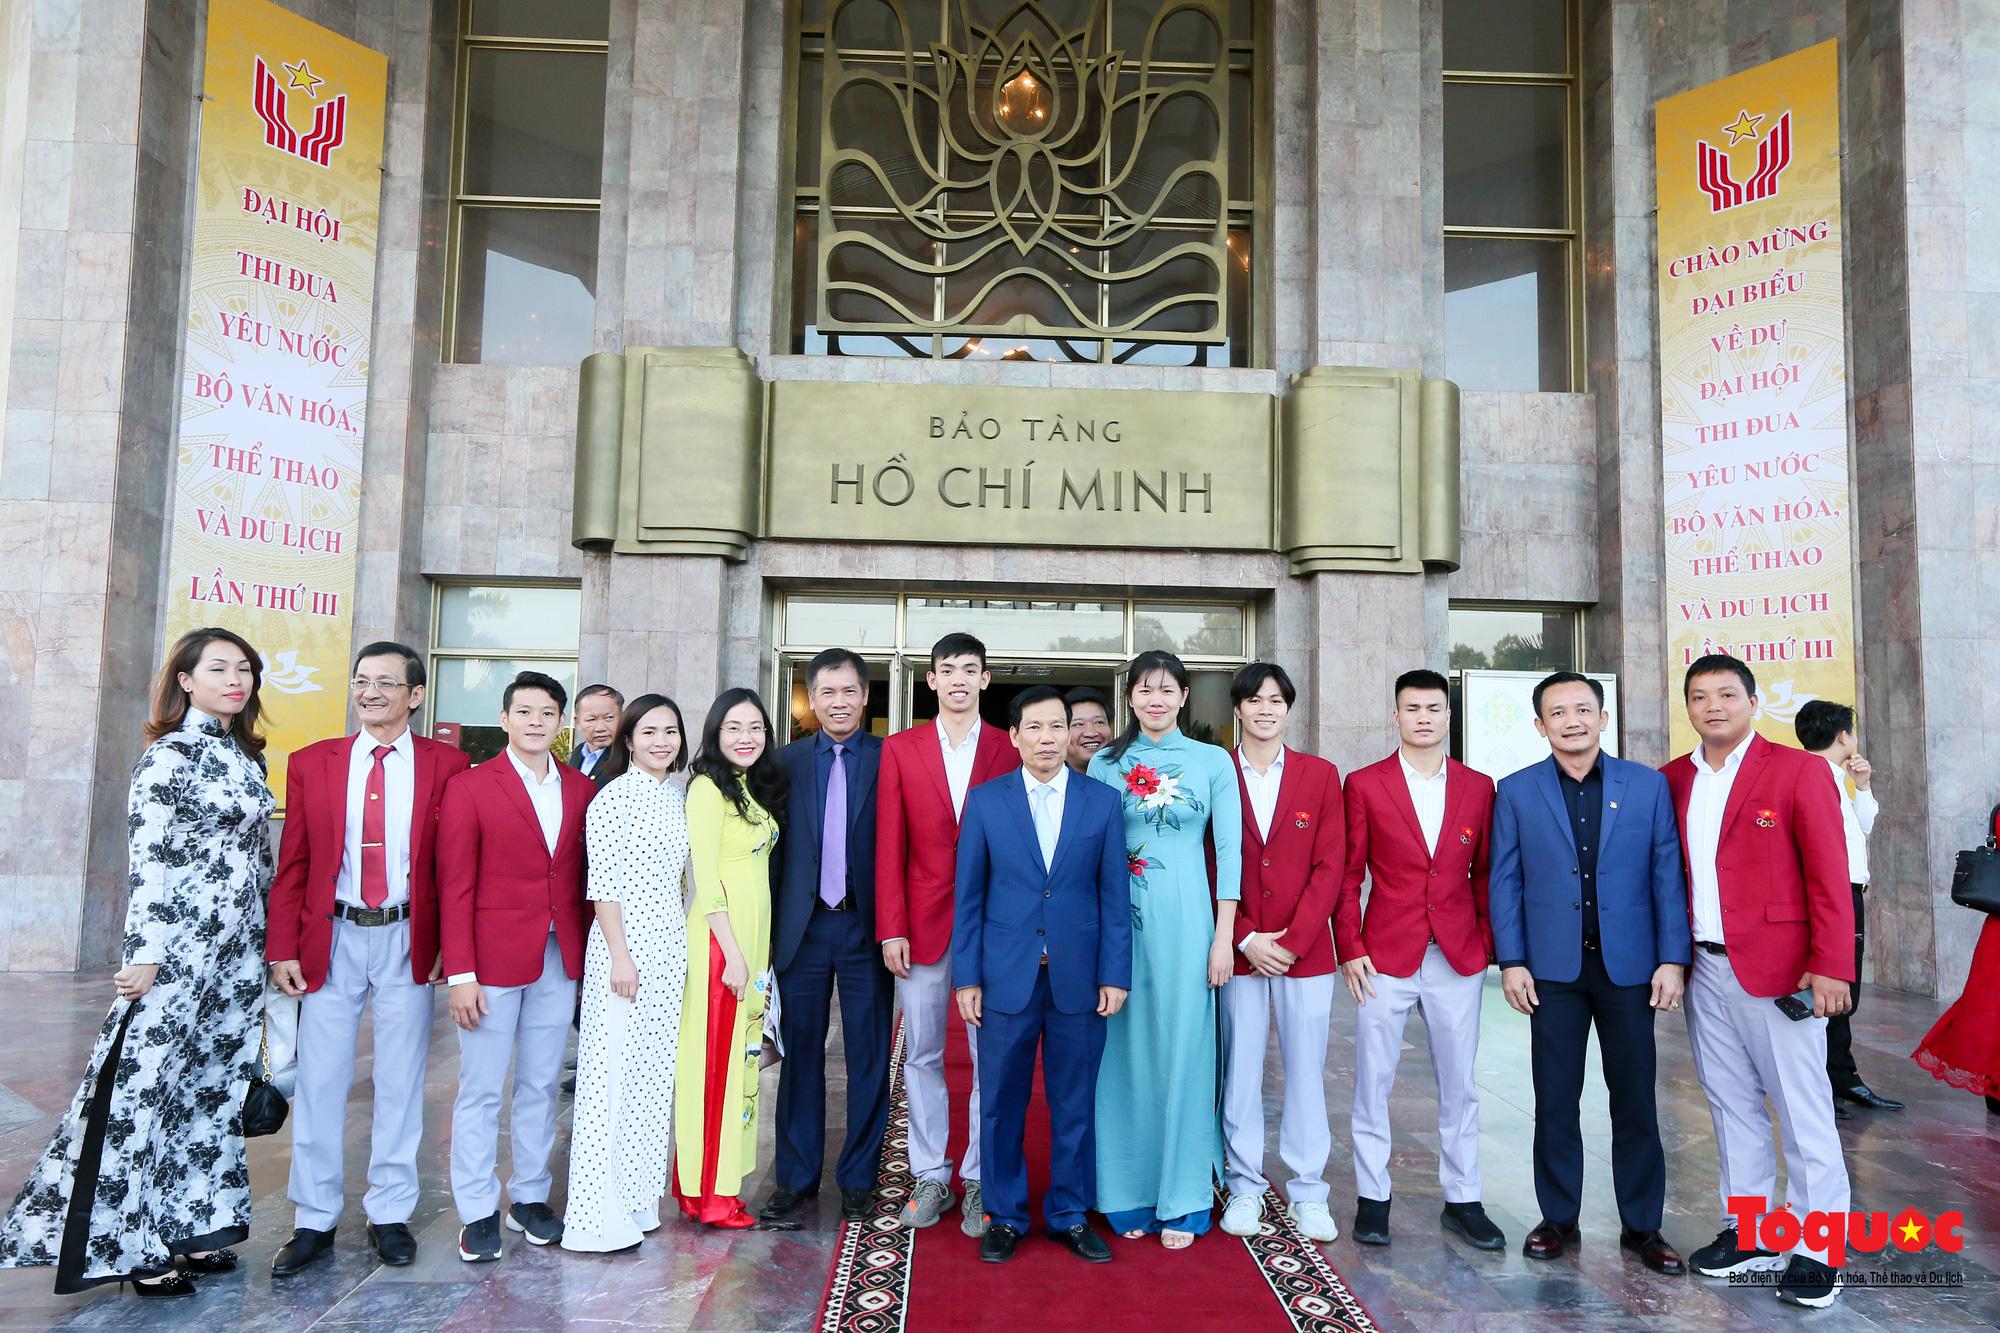 Chùm ảnh: Đại hội Thi đua yêu nước Bộ Văn hóa, Thể thao và Du lịch - Ảnh 18.